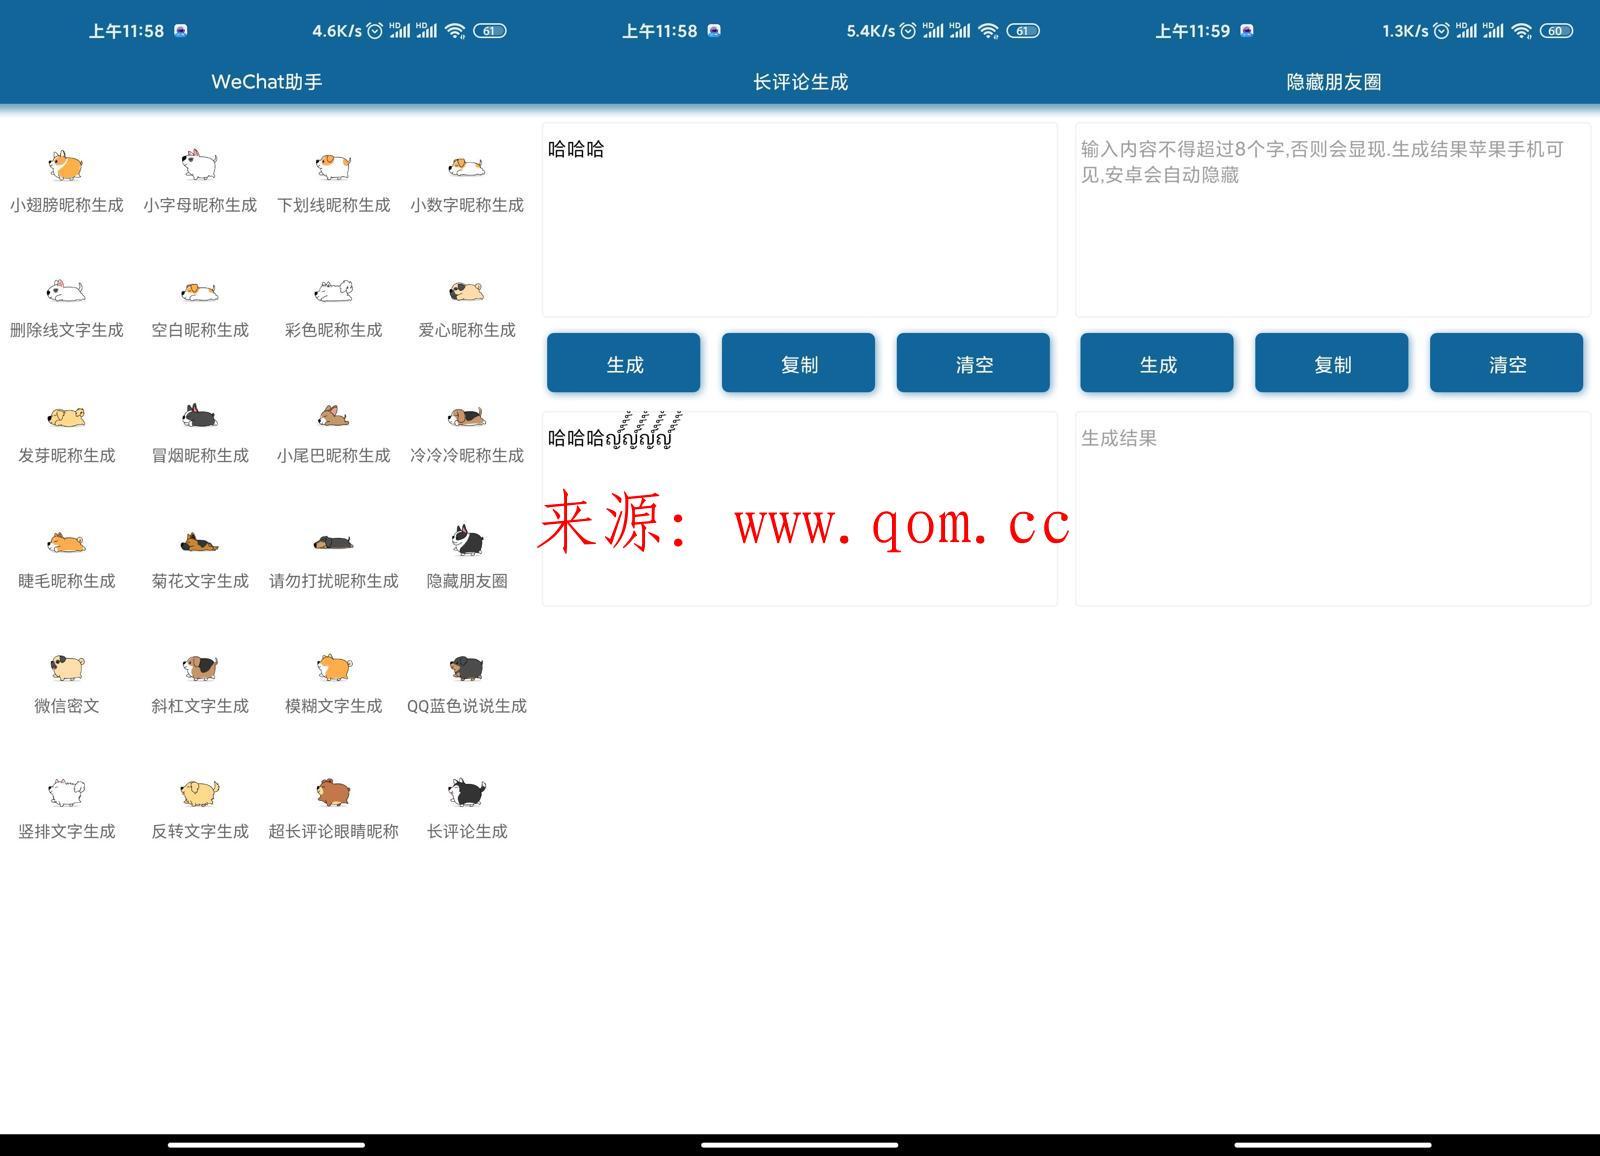 安卓多功能助手WeChatV1.0